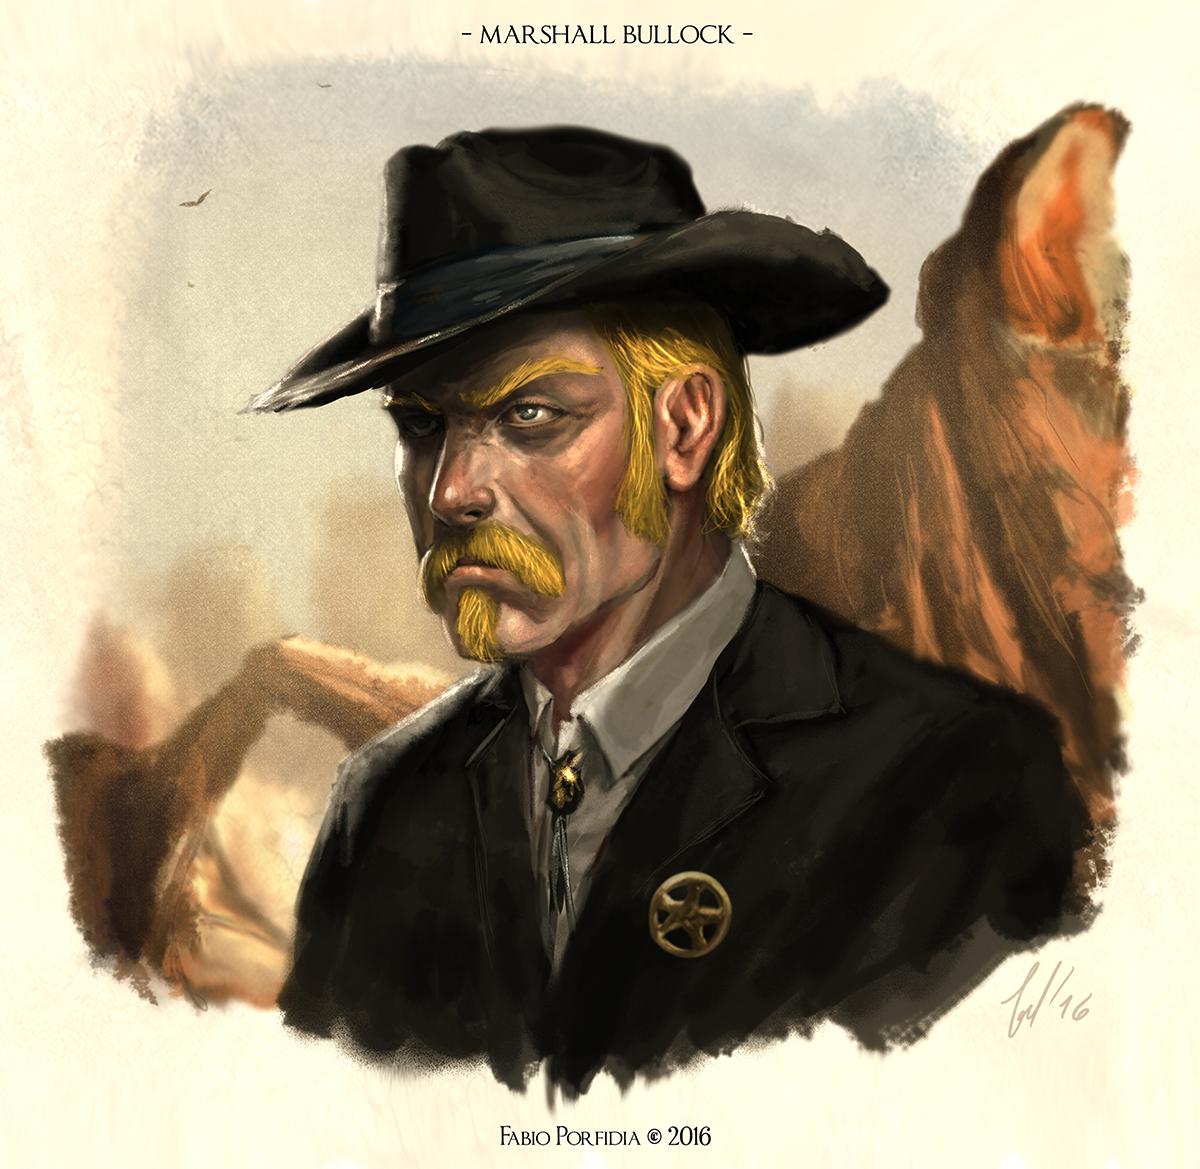 Marshall Bullock